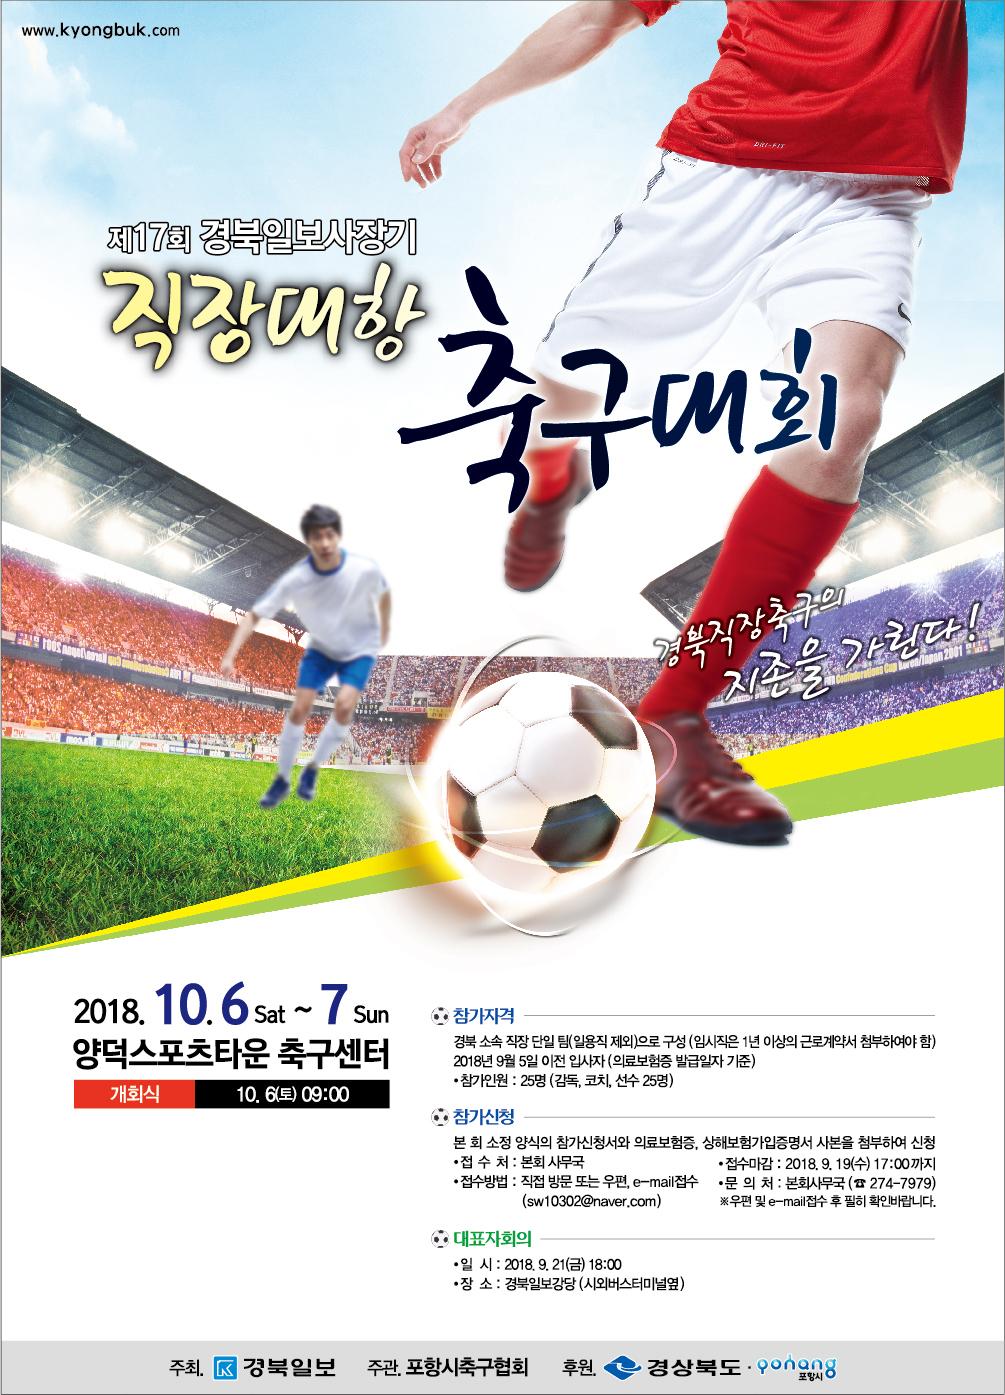 2018_제17회 경북일보사장기 직장대항축구대회_pop.jpg